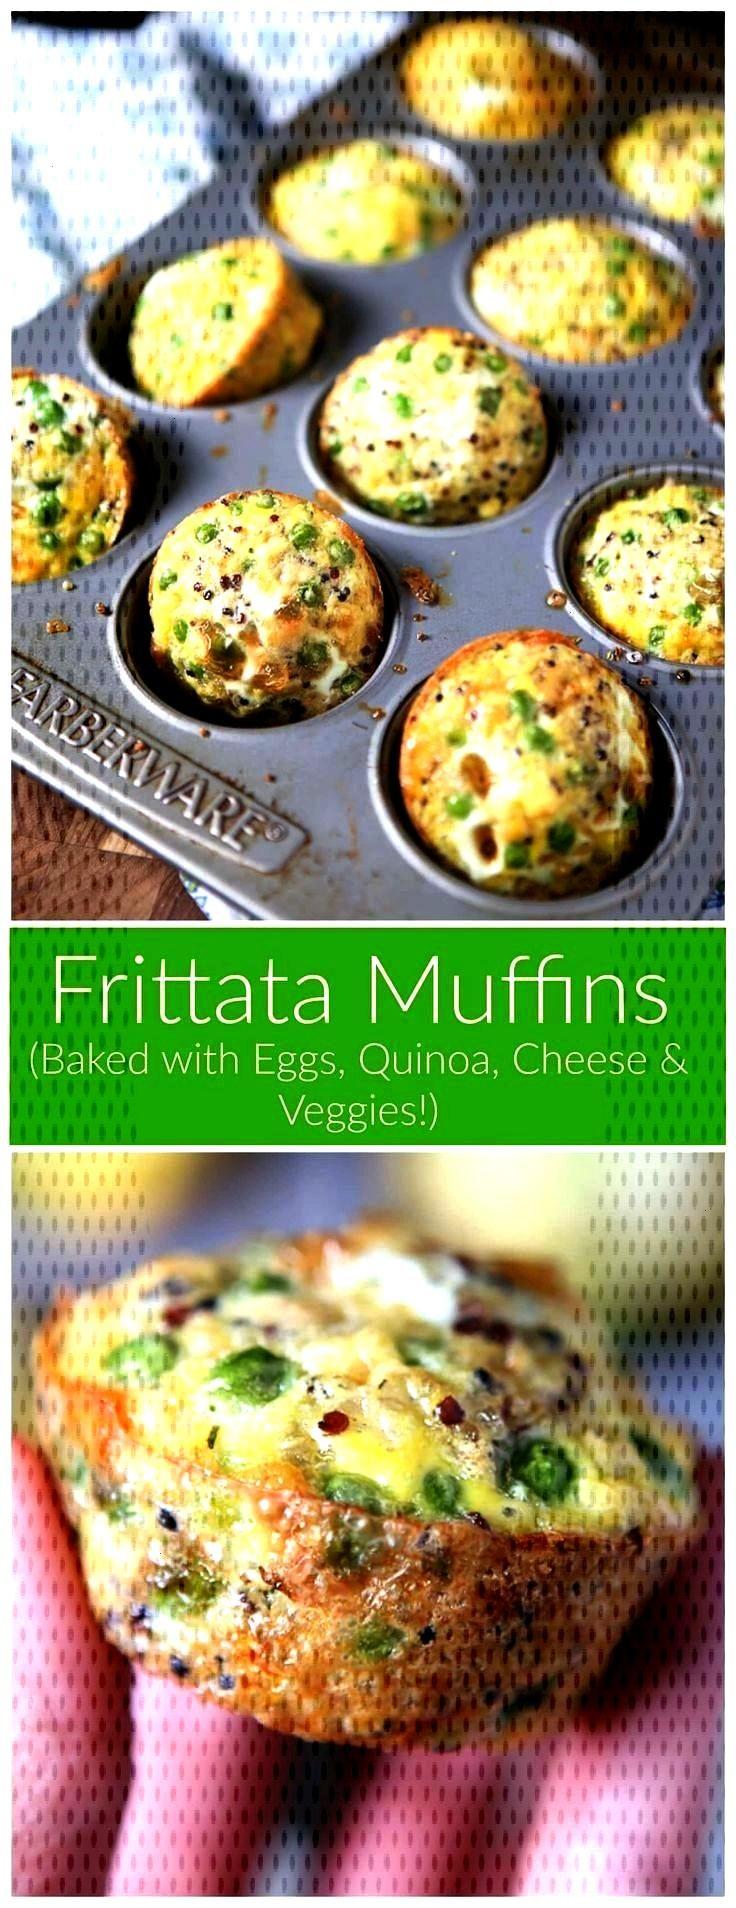 Muffins   Gebackene Quinoa- und Eimuffins Frittata Muffins   Gebackene Quinoa- und Eimuffins,Fritta